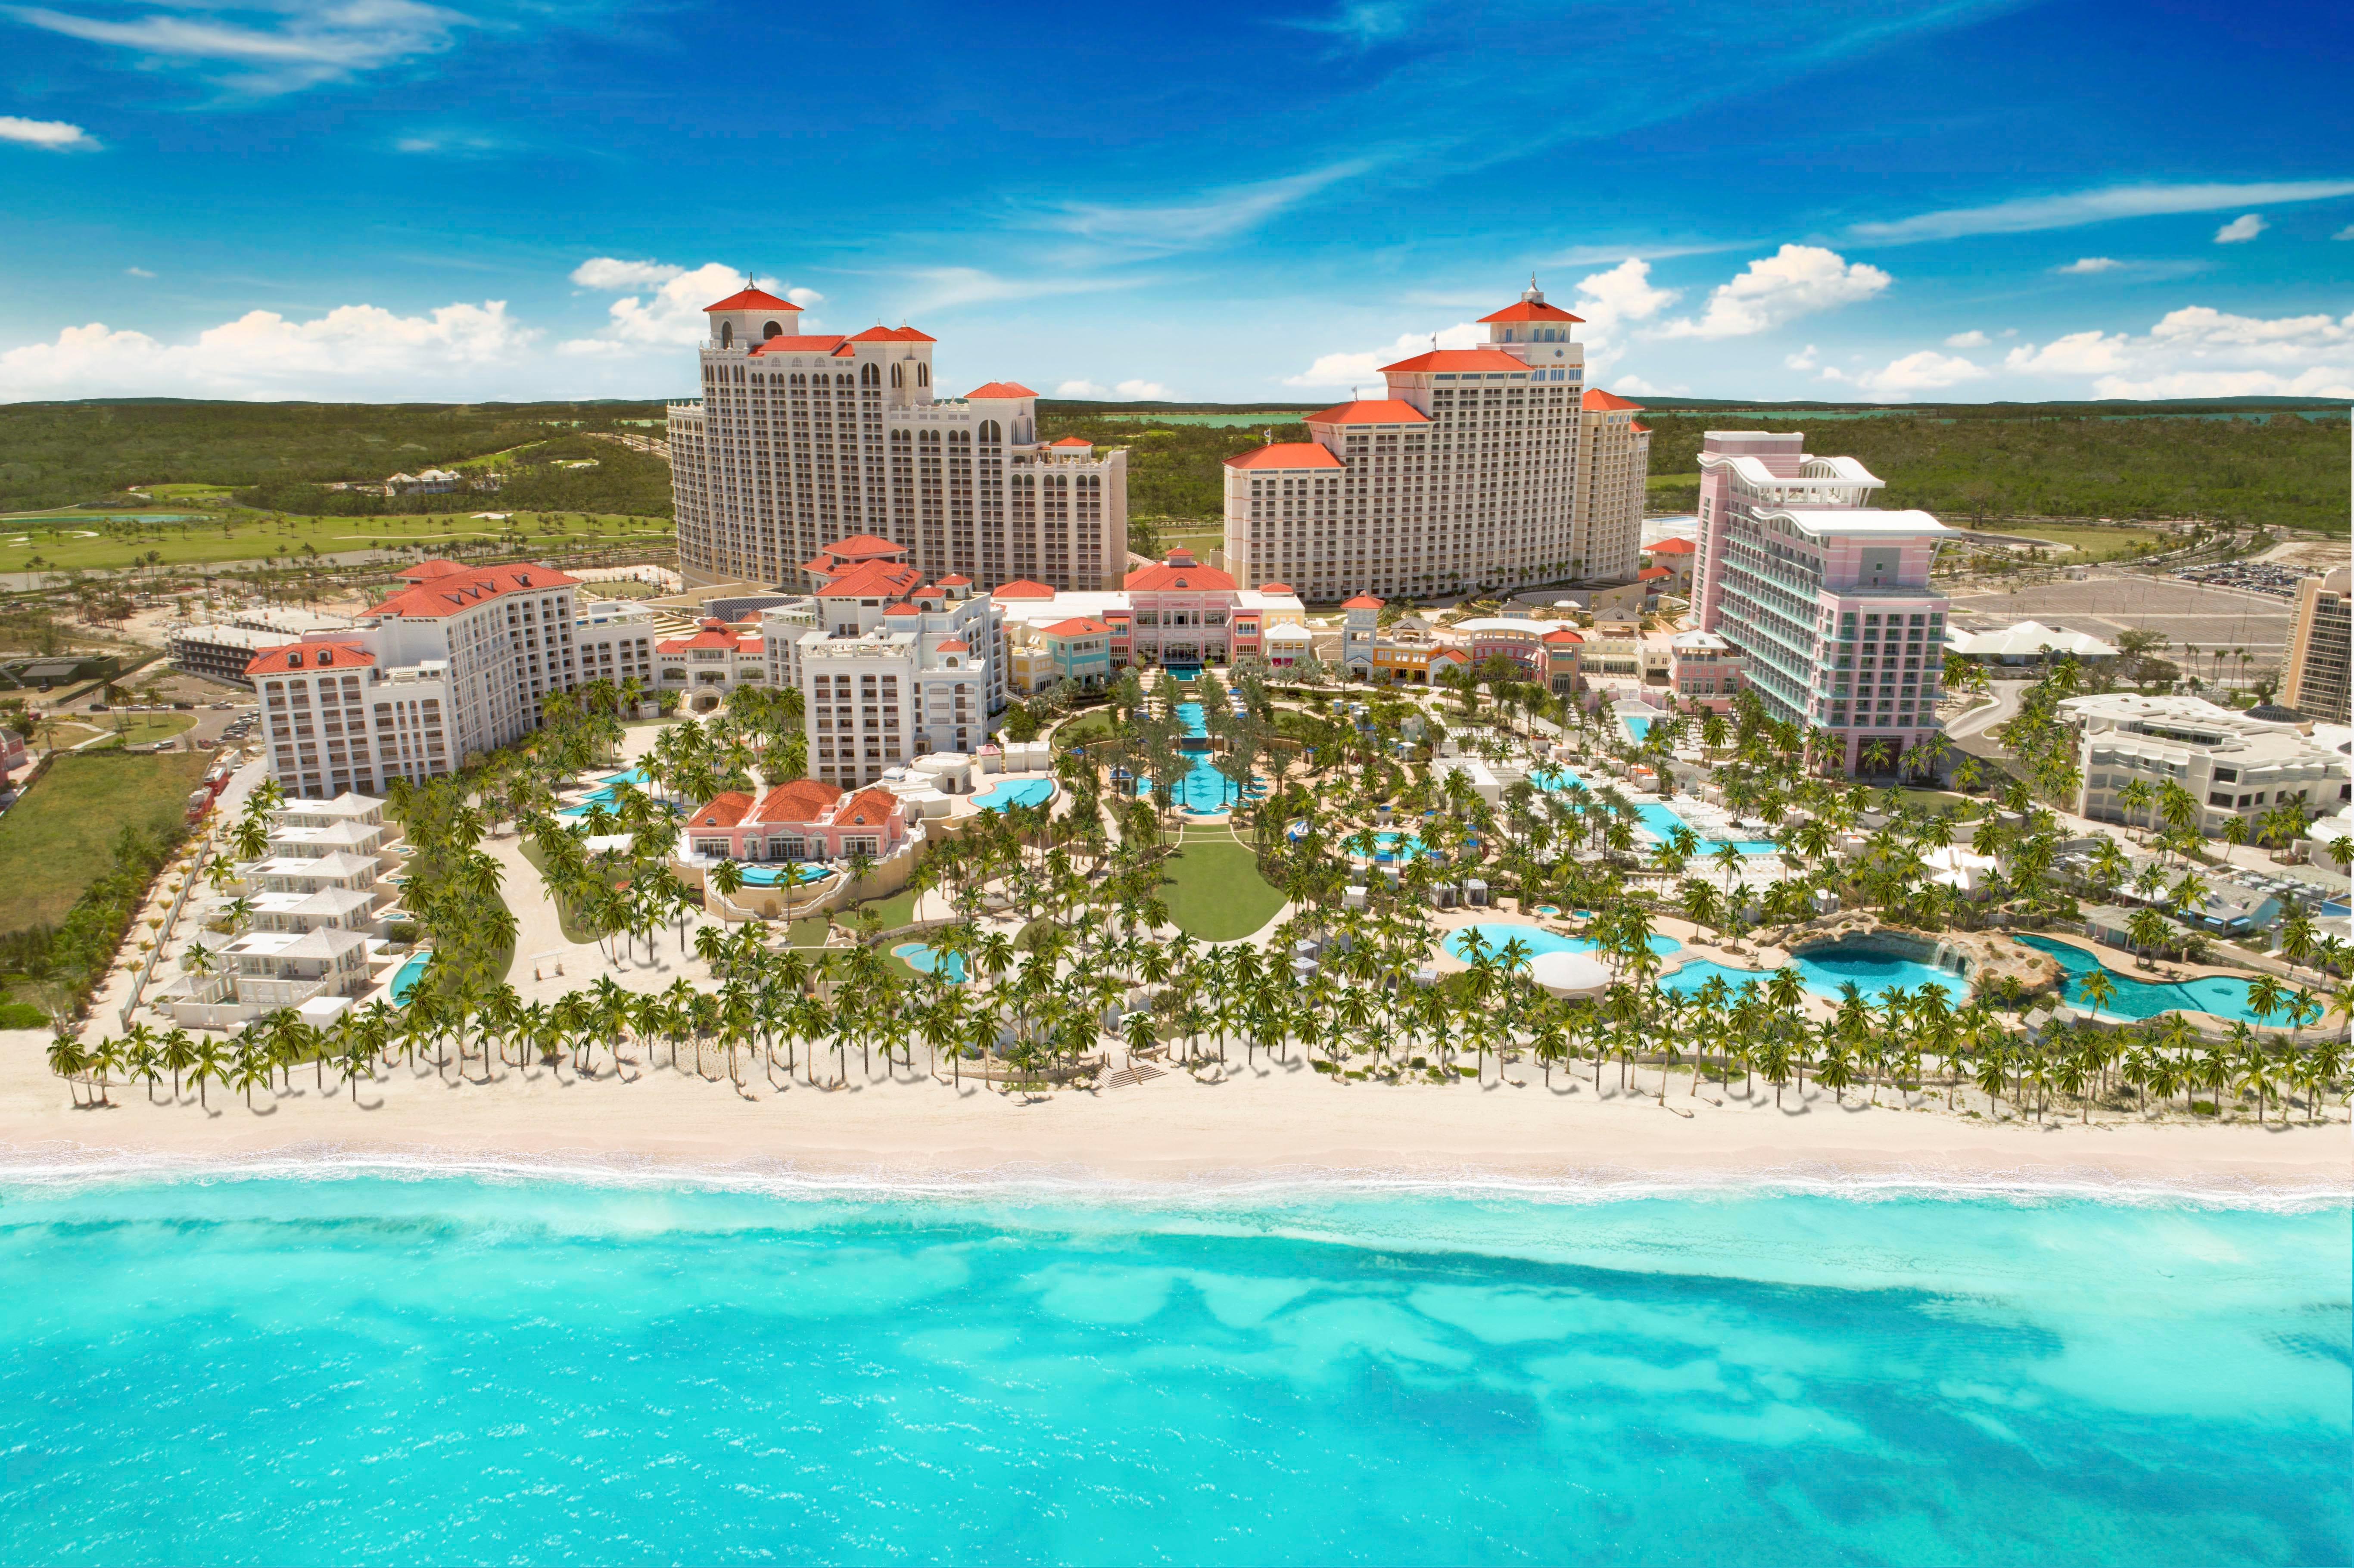 Baha mar hotel and casino bahamas encore poker pdx